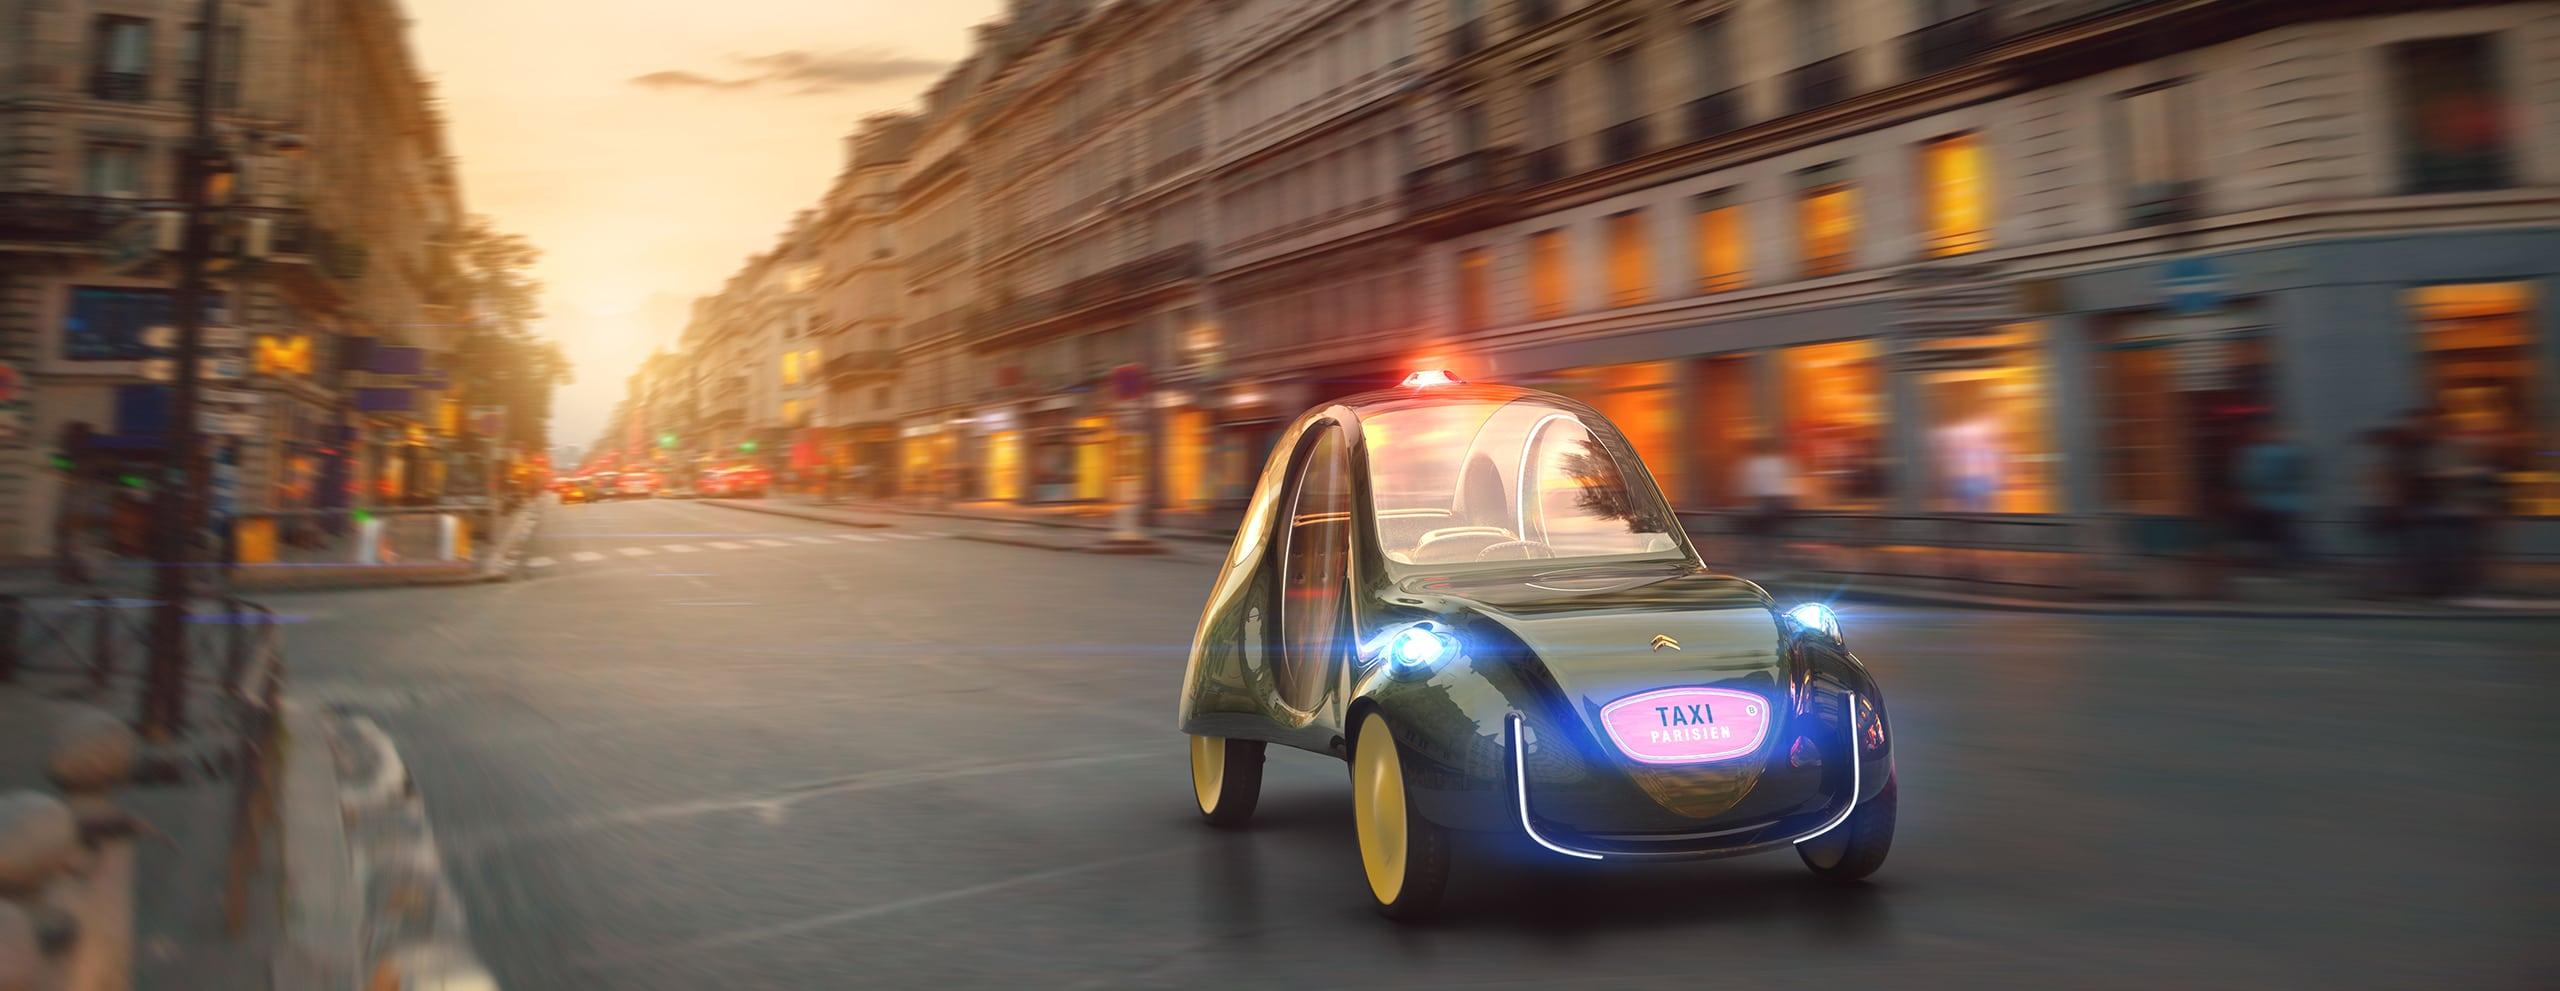 Citroen eCV Taxi Parisien